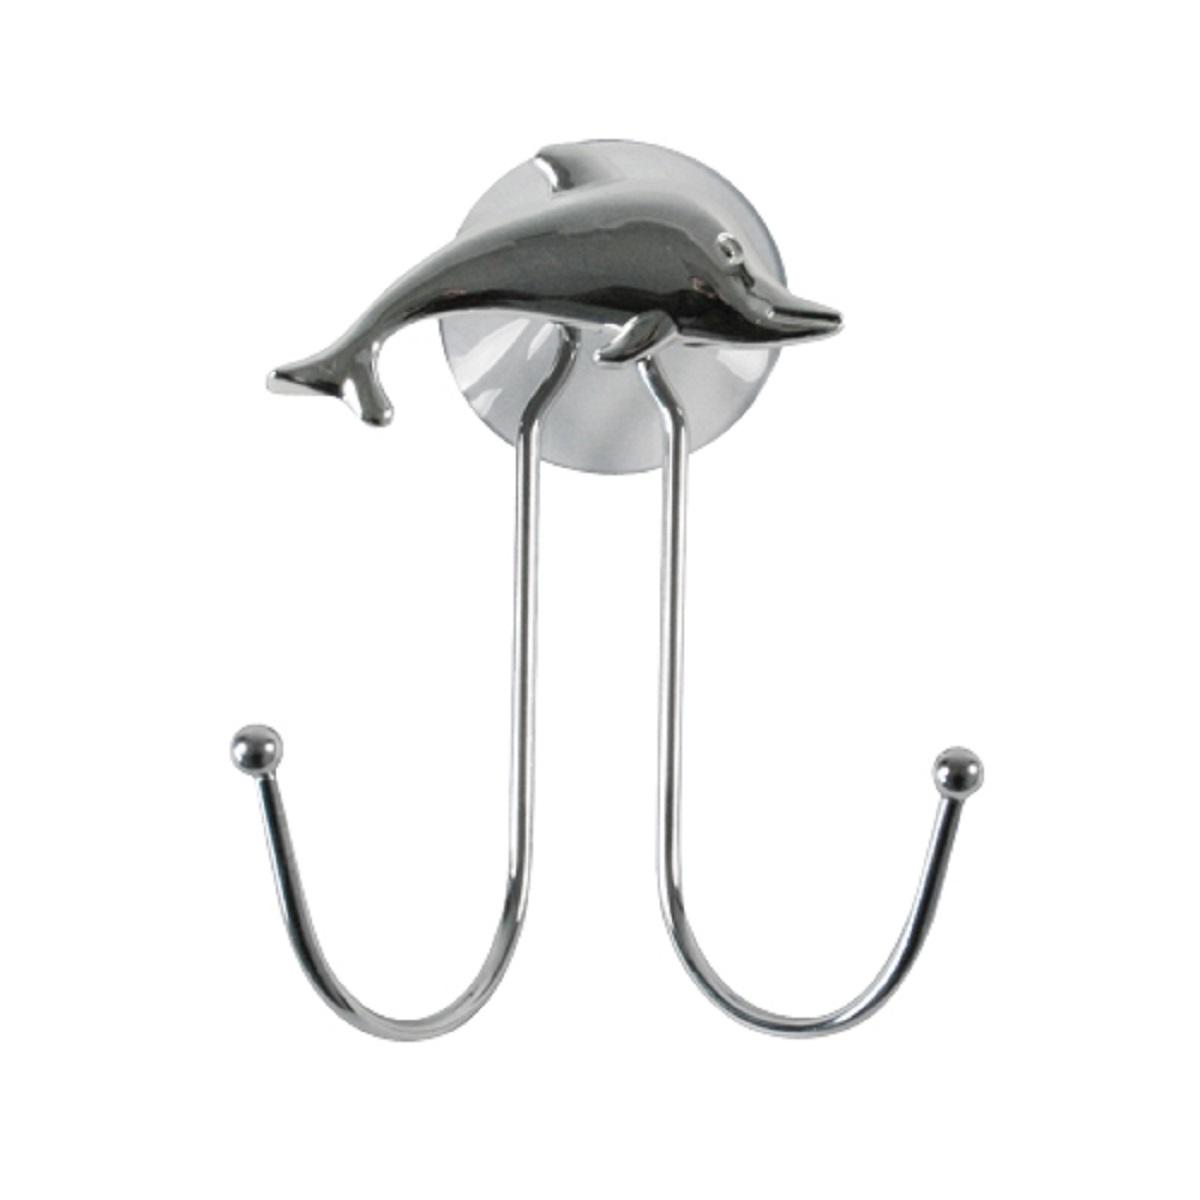 Крючок Top Star Silver Dolphin, двойной, на присоске, цвет: хром68/2/2Крючок двойной настенный на присоске с декором серебристый дельфин. Подходит для полотенец, мочалок, халатов и других ванных принадлежностей. Крепится на присоску, в комплекте. Выдерживает вес до 2-х килограмм на гладкой, воздухонепроницаемой, очищенной и обезжиренной поверхности. Крючок изготовлен из высококачественной хромированной стали, устойчивой к высокой влажности. Отлично сочетается с другими аксессуарами из коллекции Silver Dolphin.